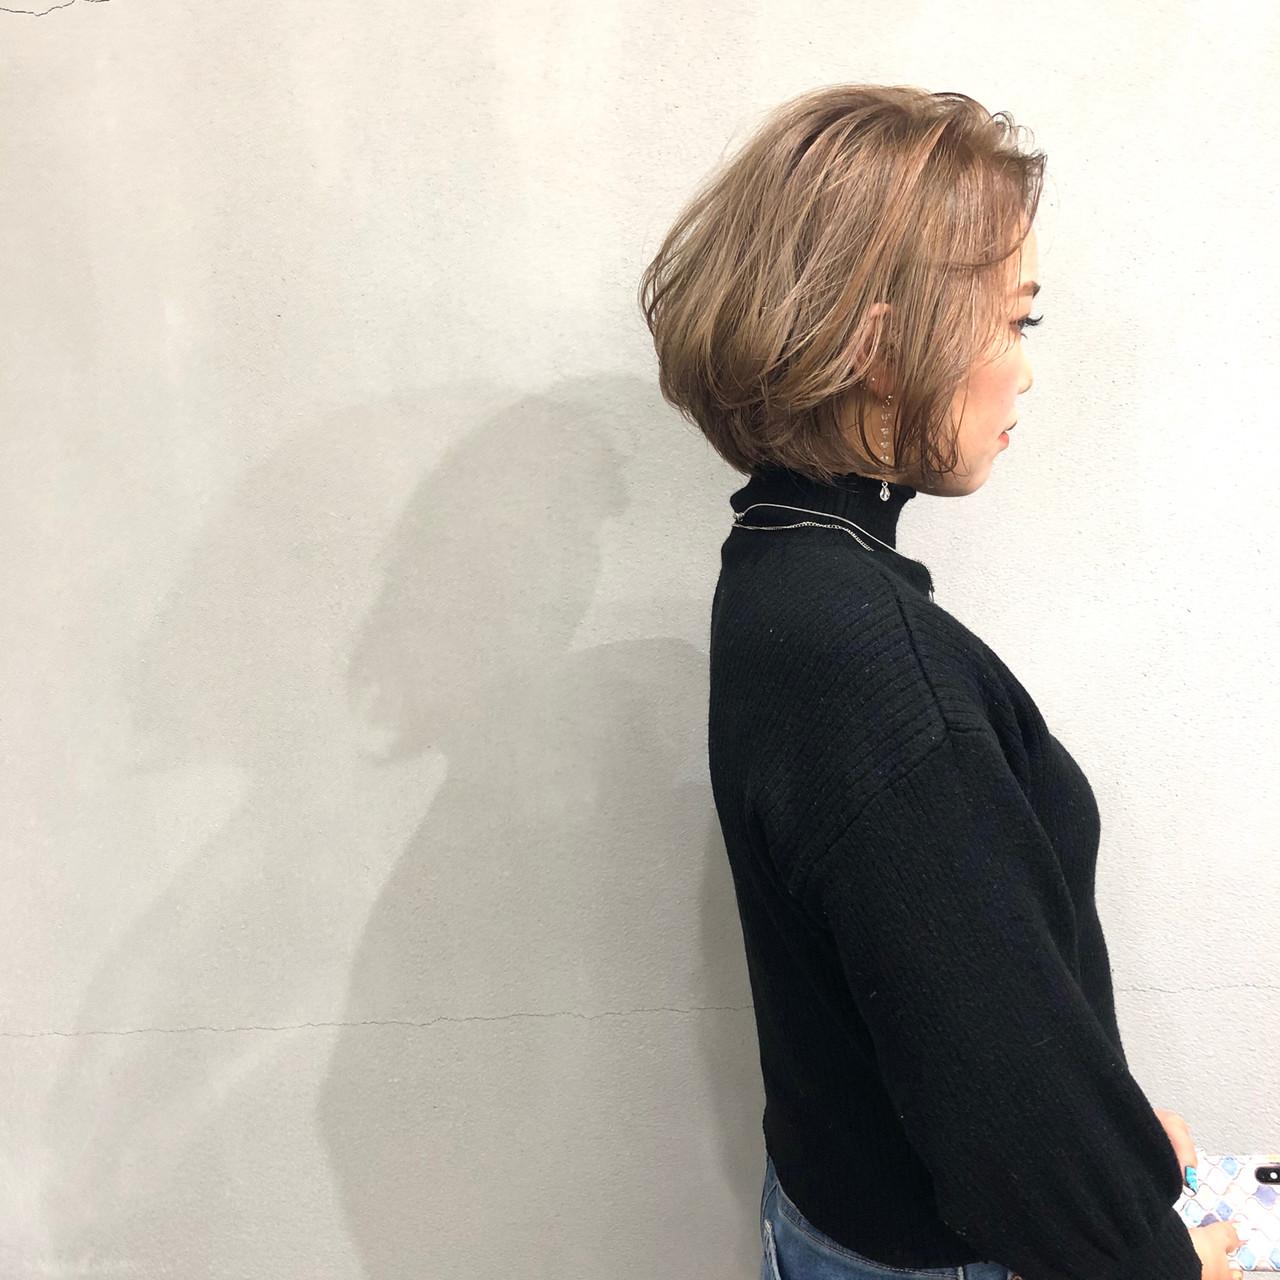 ナチュラル ミルクティーベージュ ヌーディーベージュ ショートヘア ヘアスタイルや髪型の写真・画像